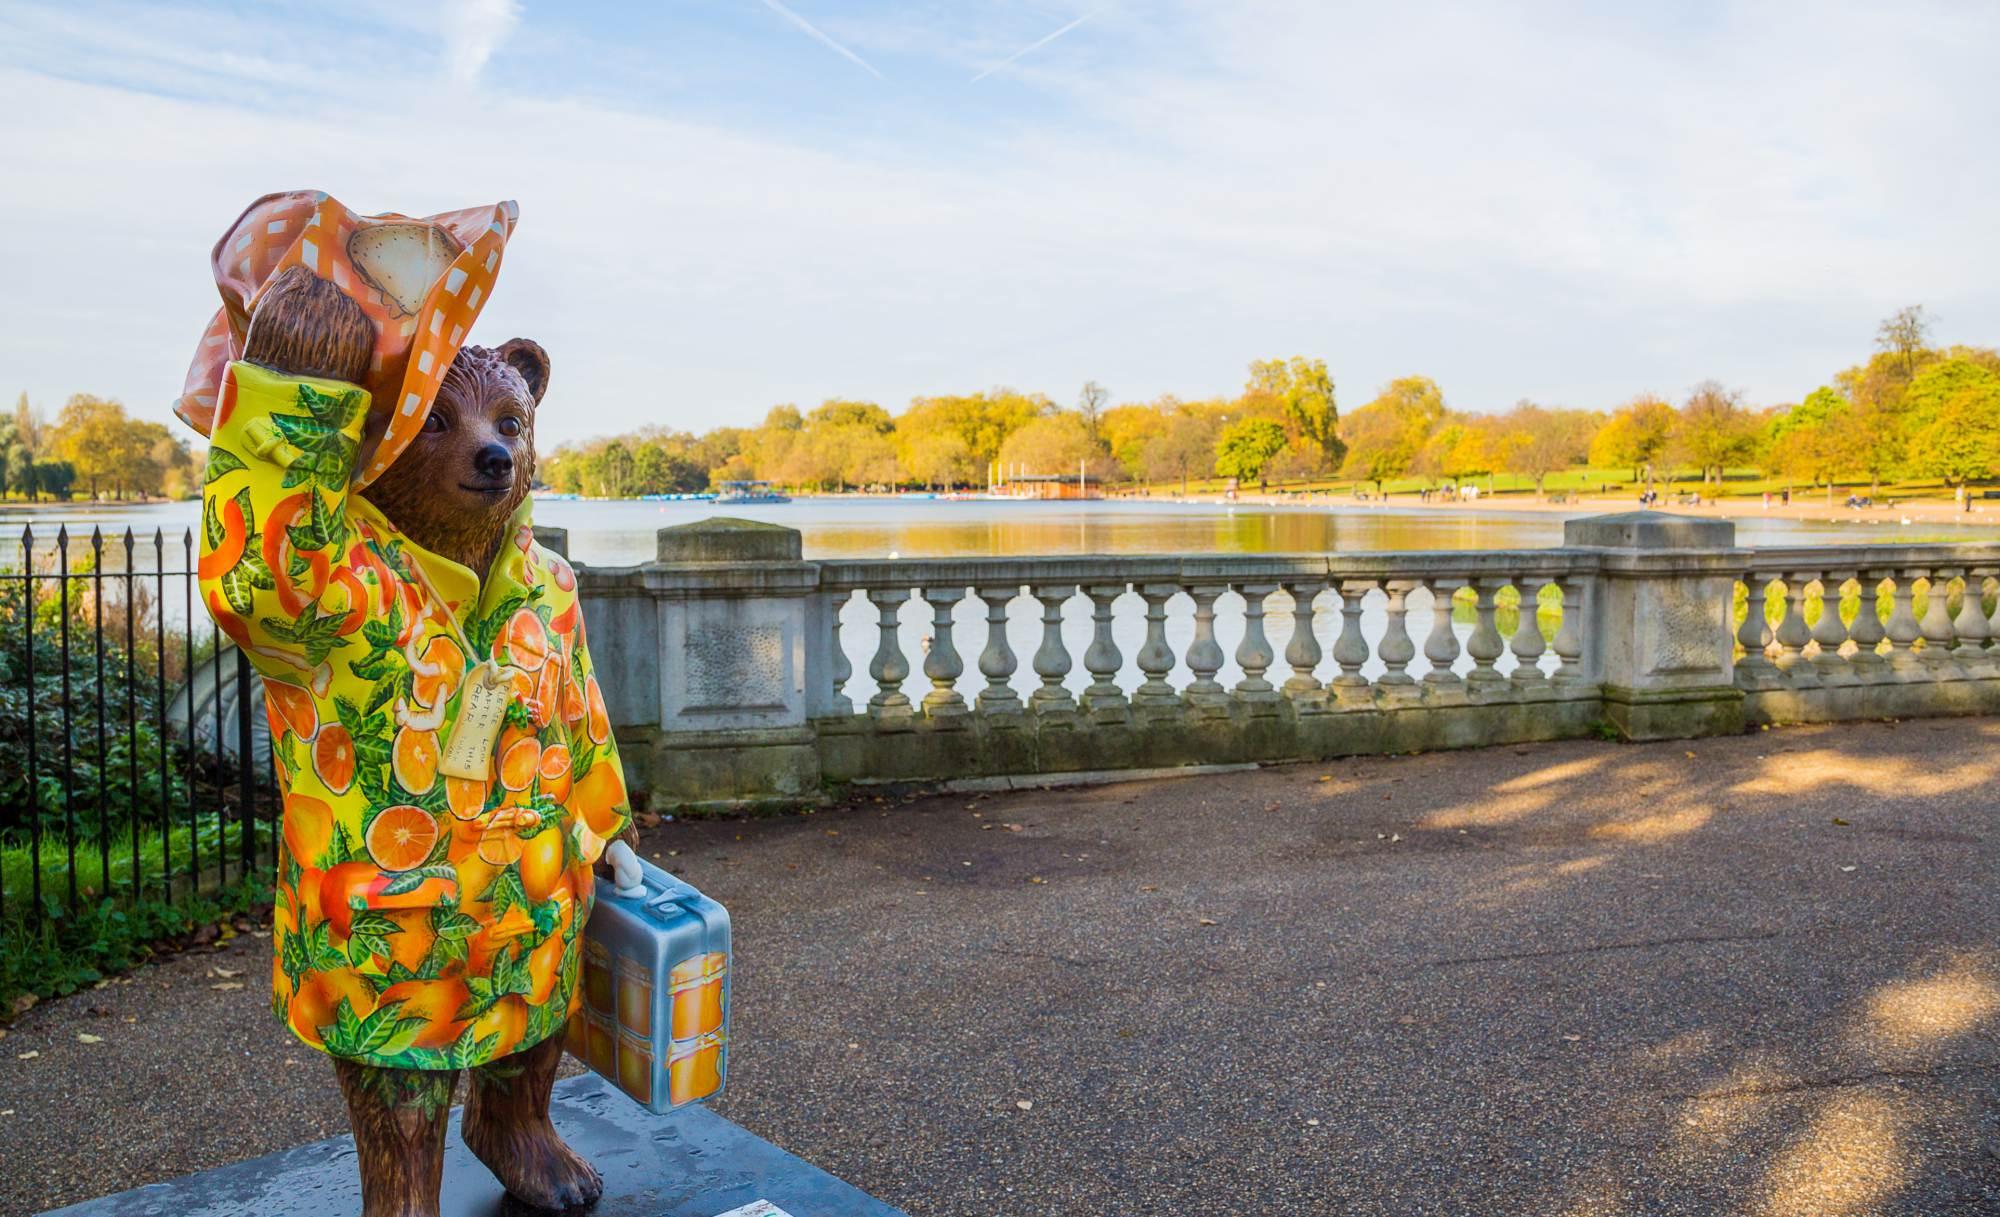 Podróże z dzieckiem: Londyn śladami Misia Paddingtona